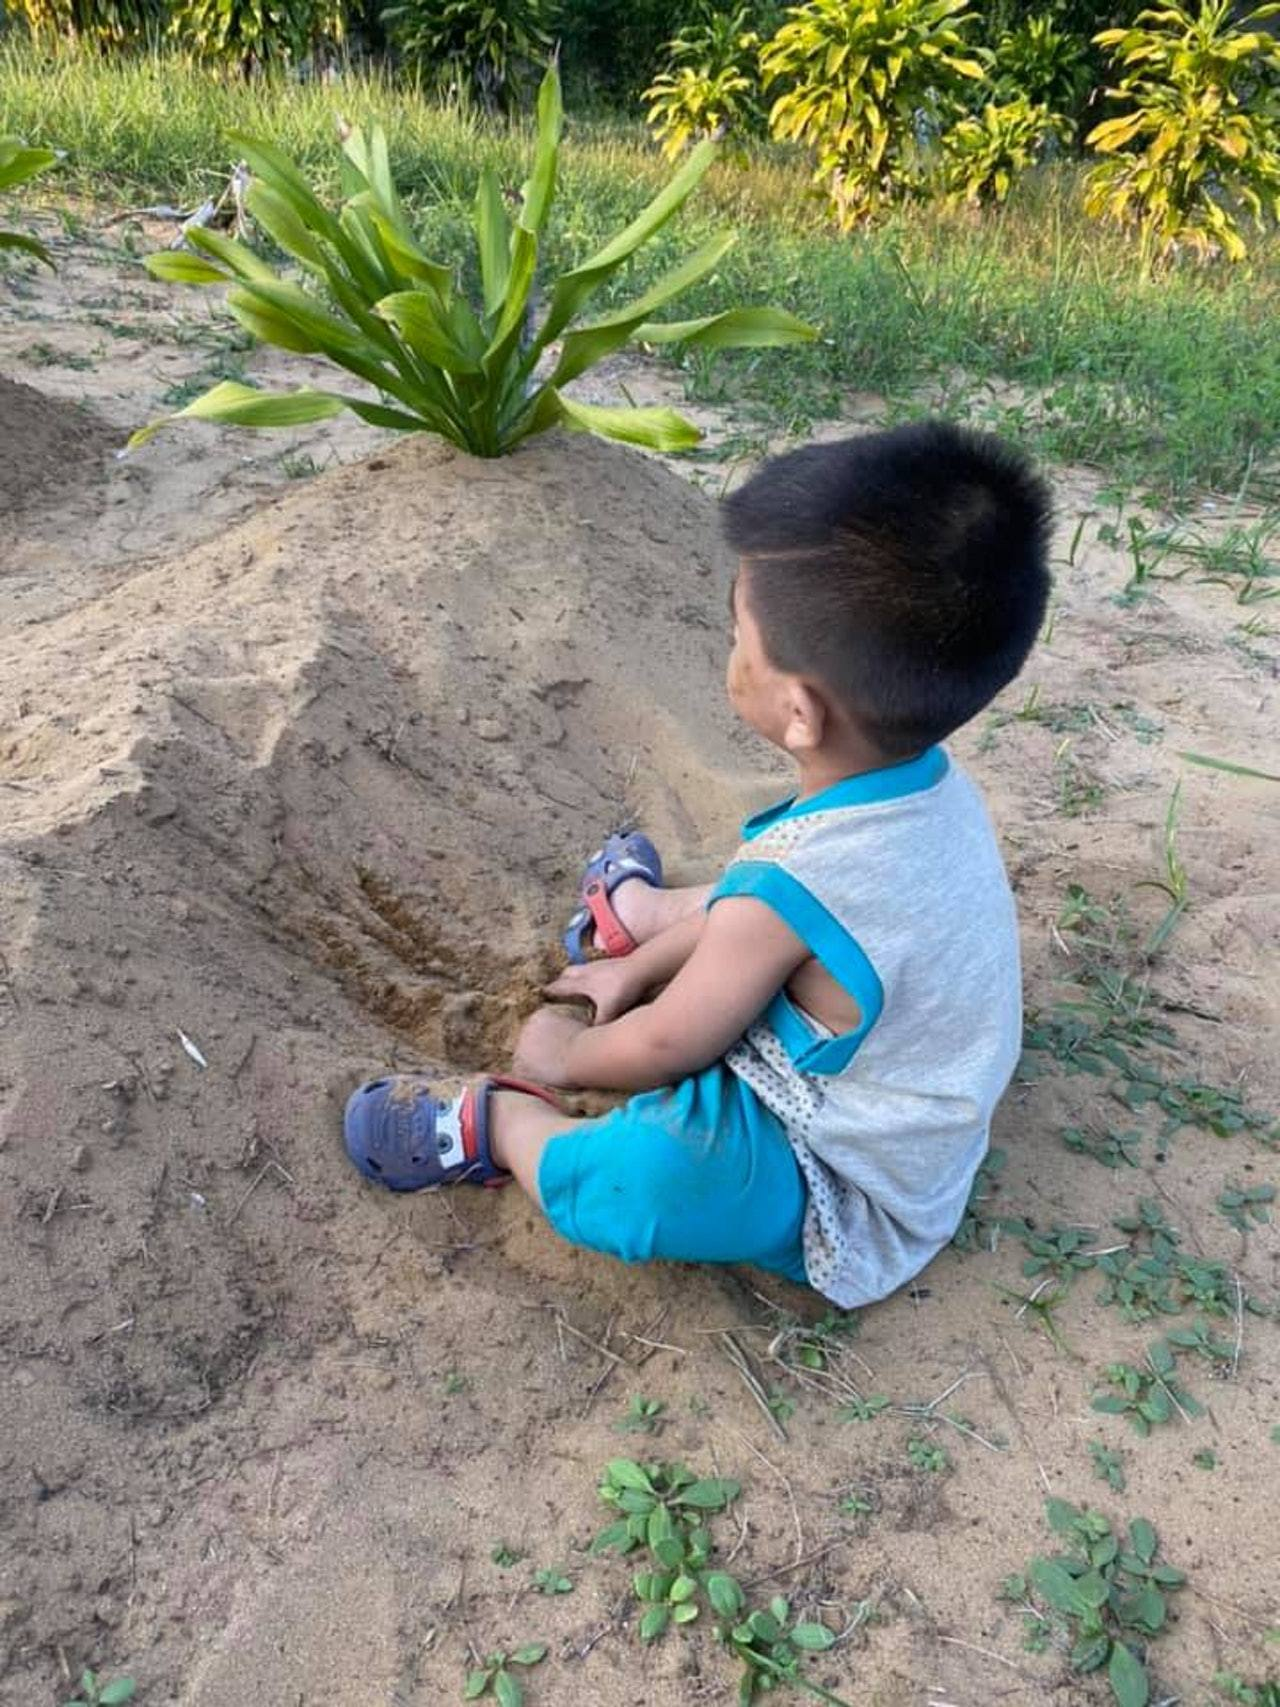 最後即使阿祖安欲帶他回家,但阿祖凡仍安靜地坐在地上不願離開,似乎非常想念媽媽。圖...